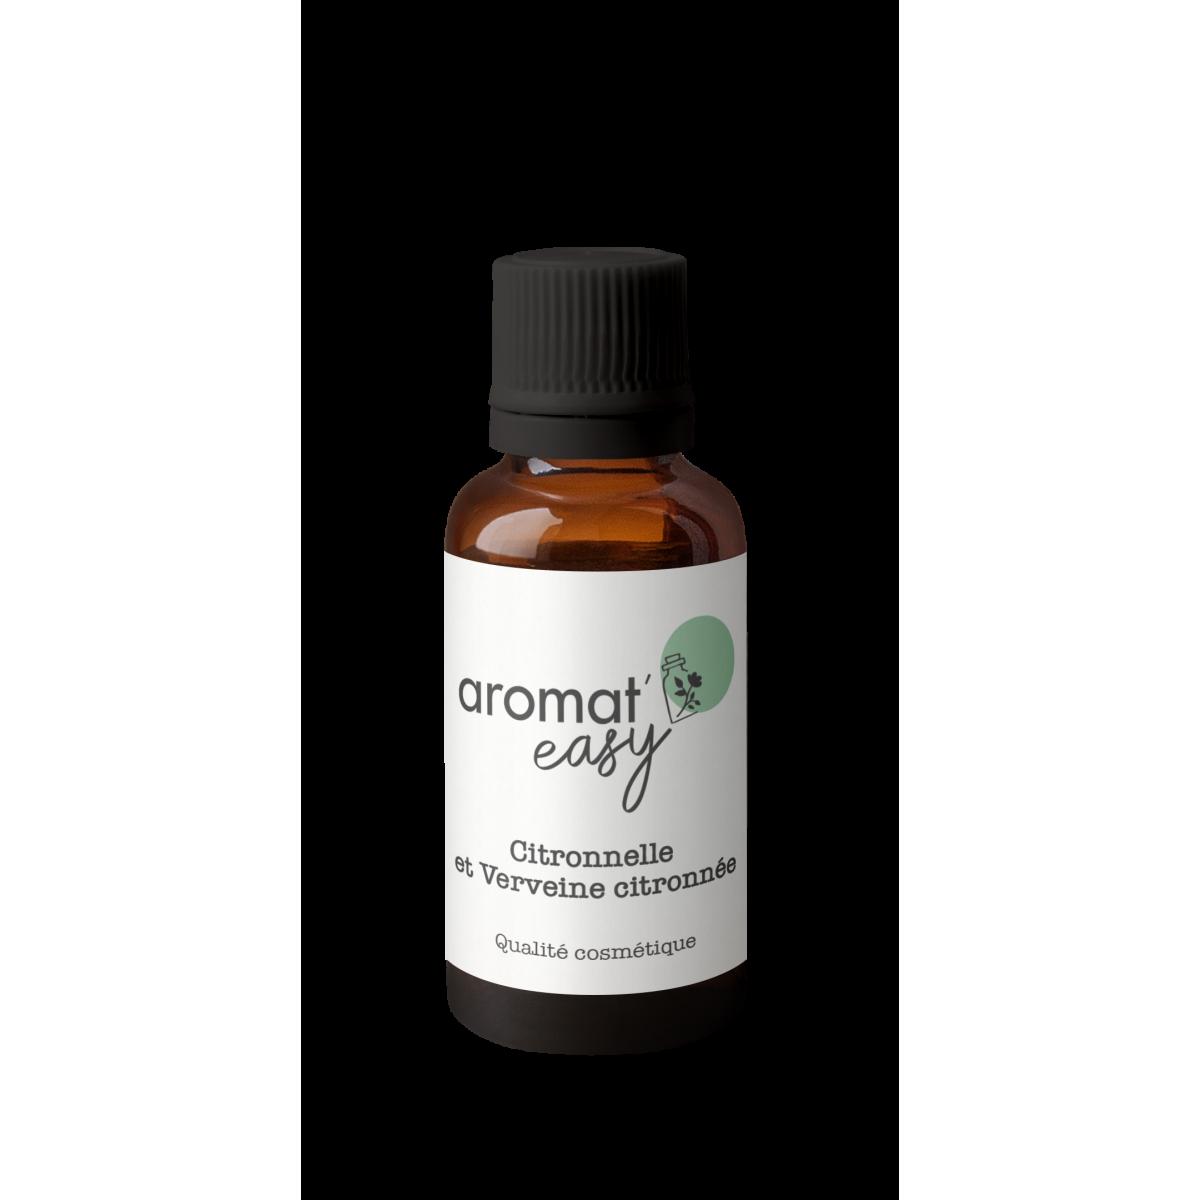 Fragrance Citronnelle et Verveine citronnée